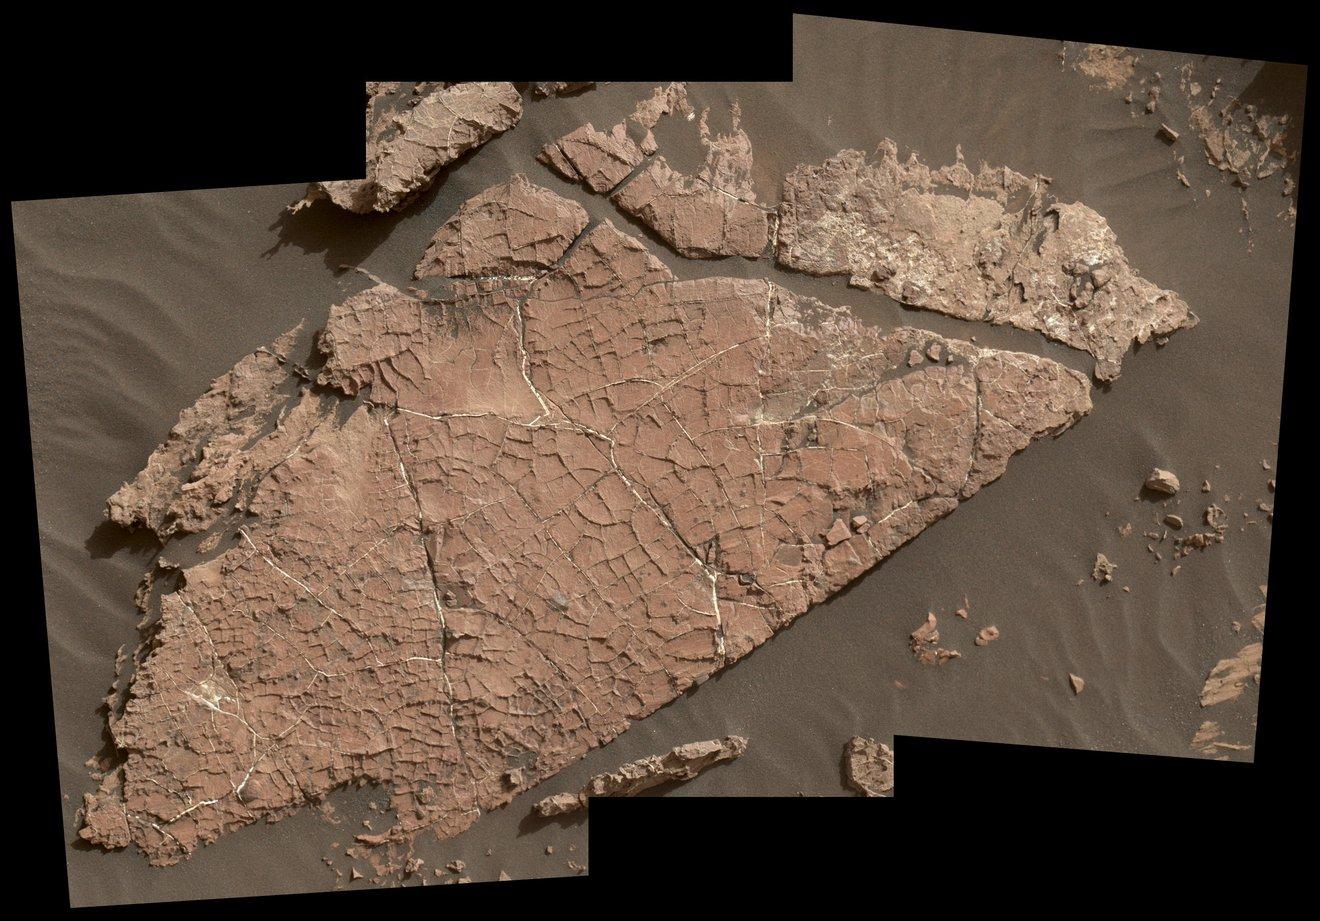 El rover Curiosity de la NASA encuentra fragmentos de roca sin los registros esperados, se abren las puertas a nuevos conocimientos